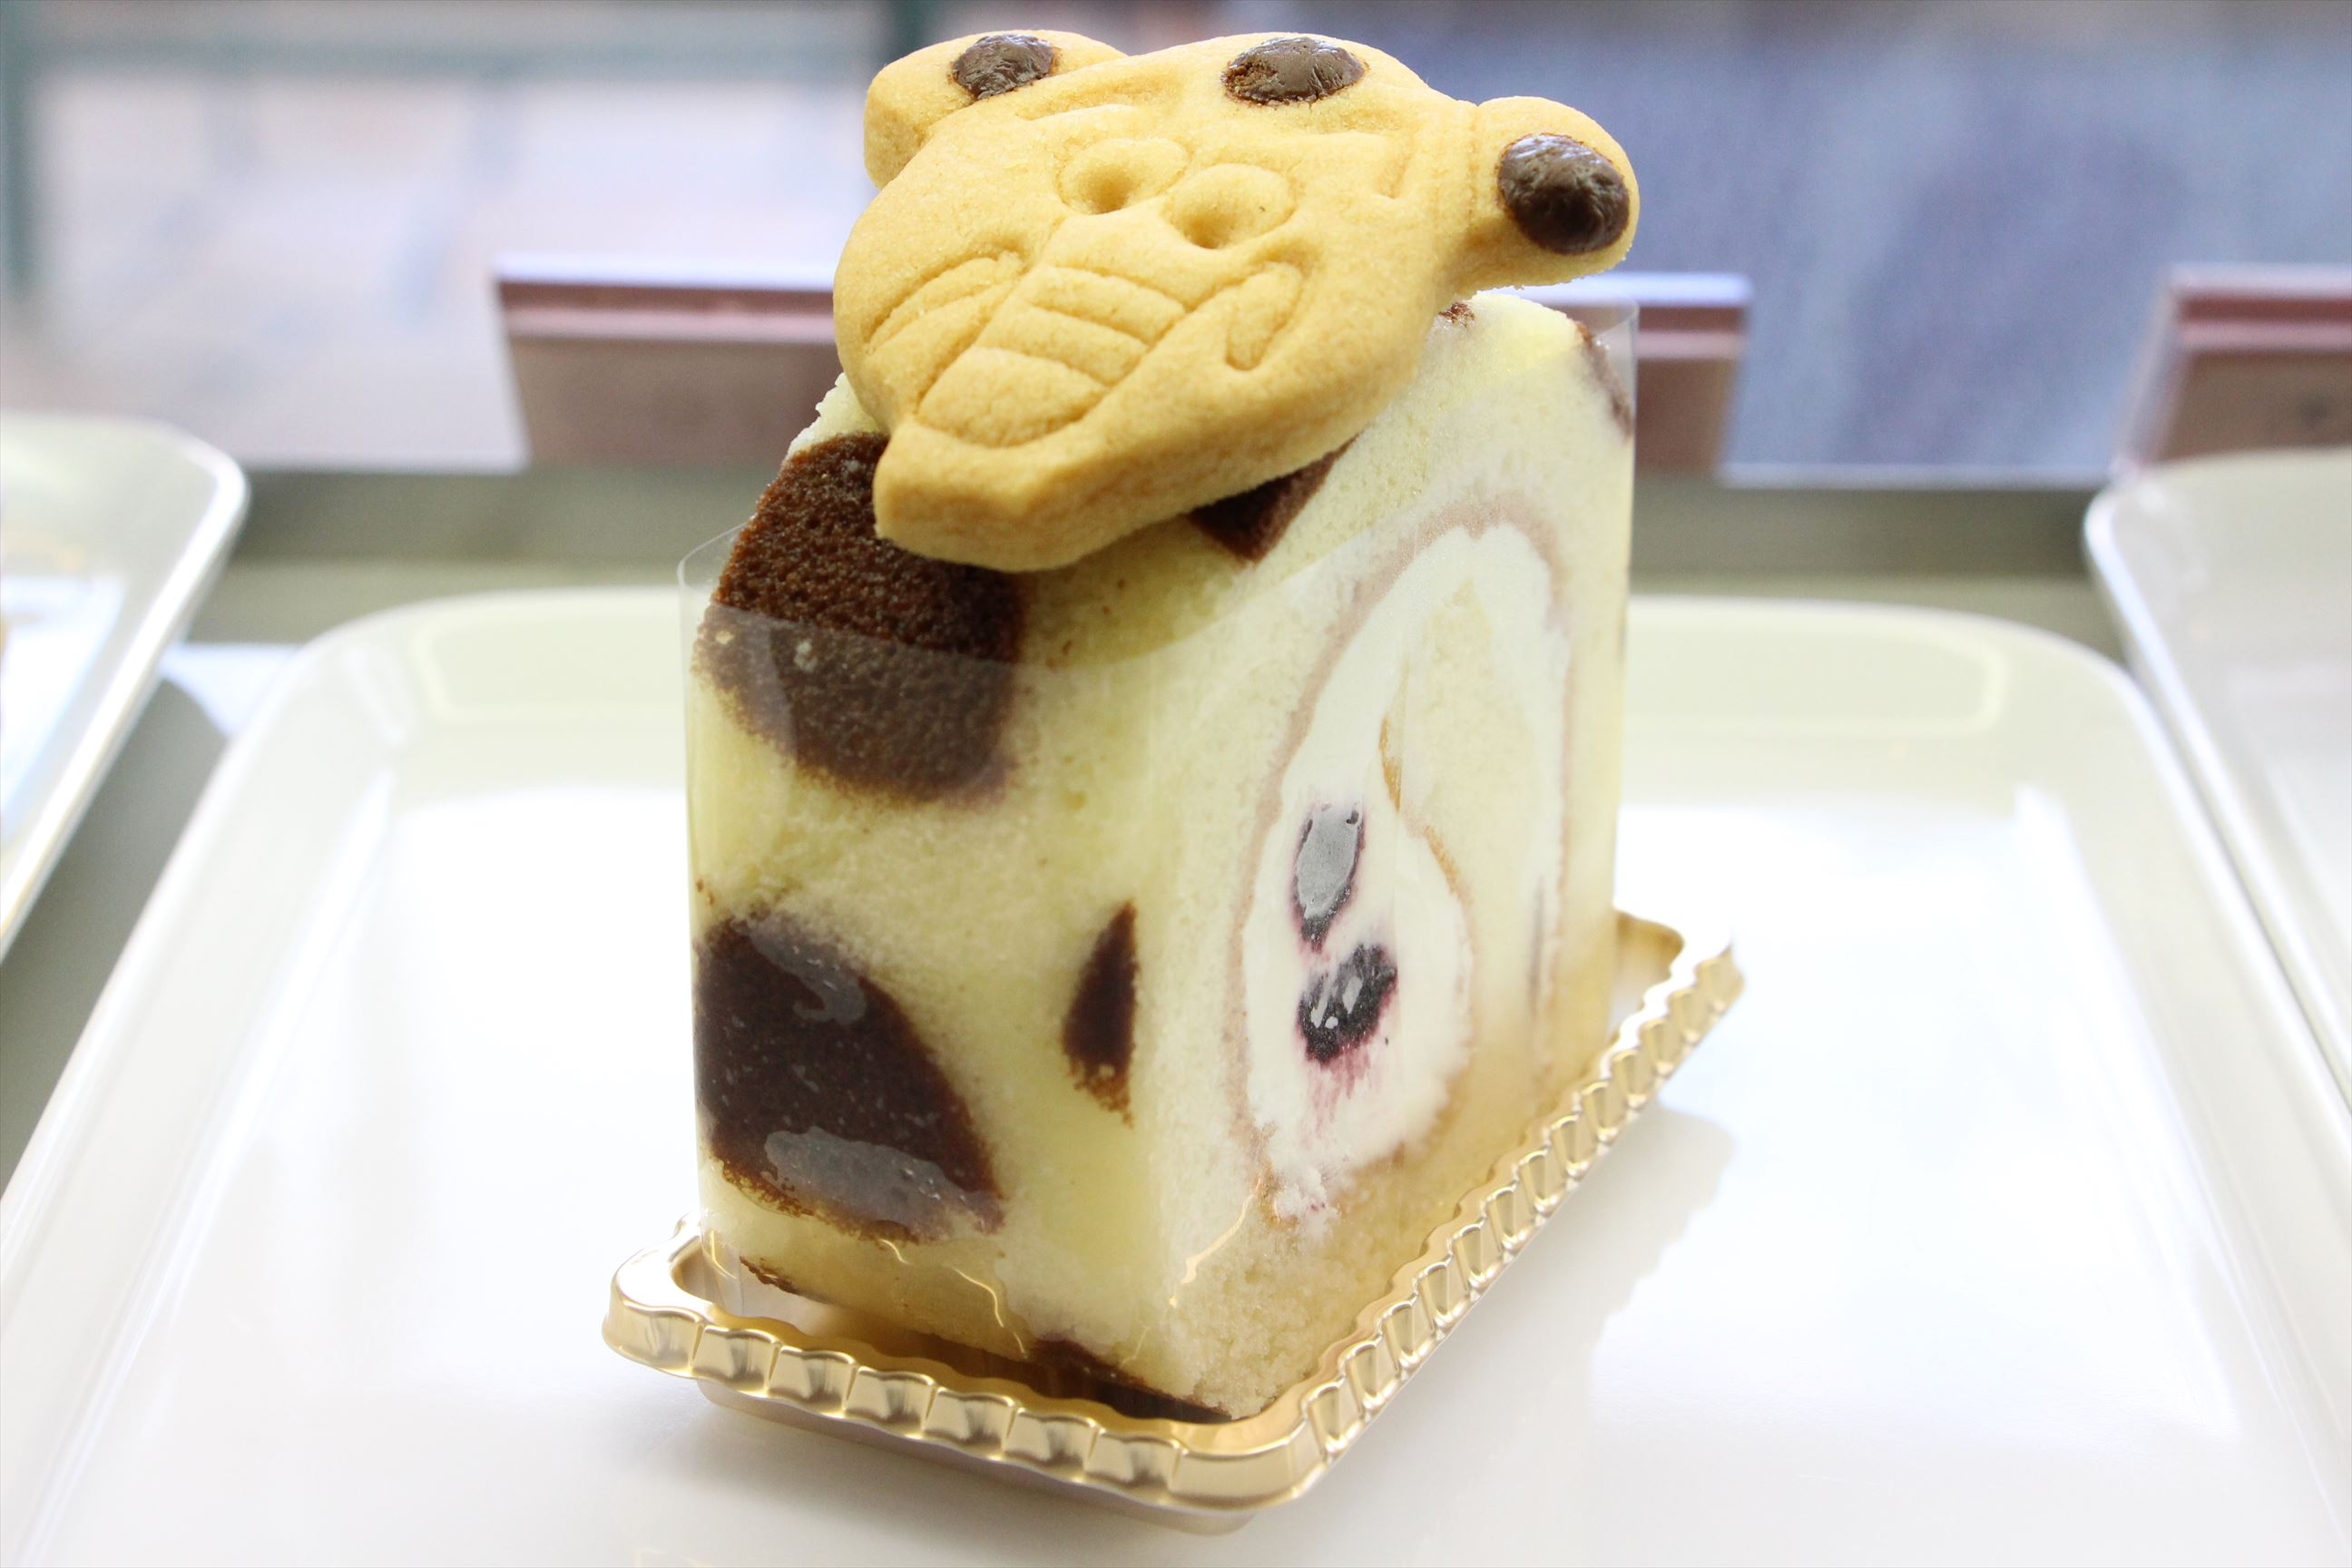 南まりかさんにゾウキリンのロールケーキをご紹介いただきました。